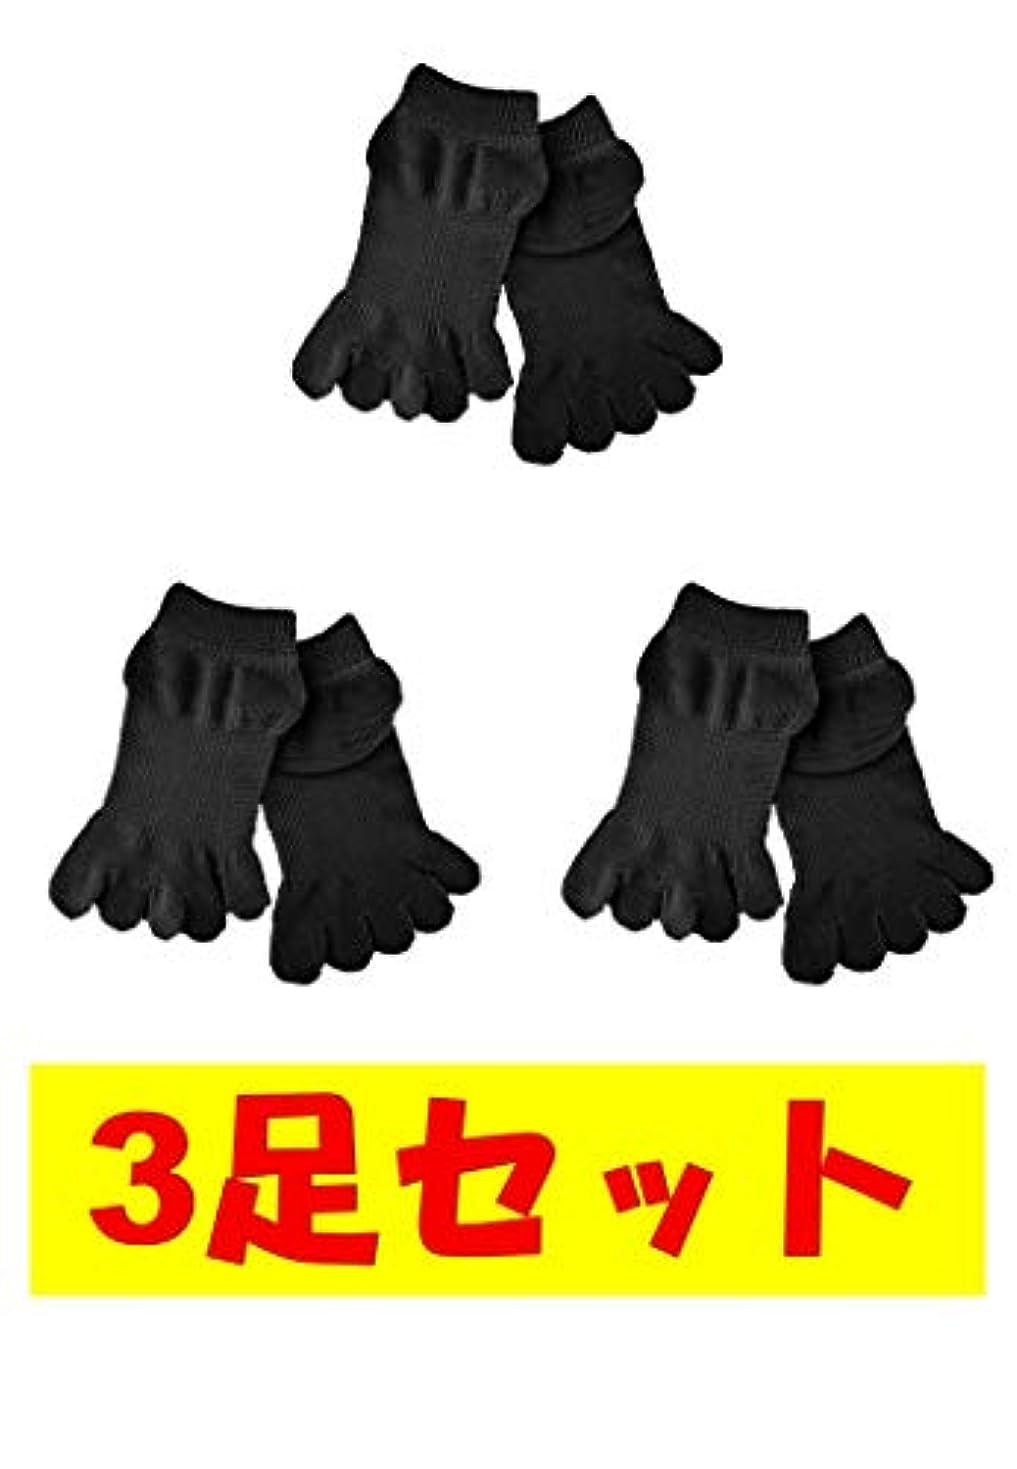 ブラウザに賛成ピルファーお買い得3足セット 5本指 ゆびのばソックス ゆびのば アンクル ブラック Mサイズ 25.0cm-27.5cm YSANKL-BLK